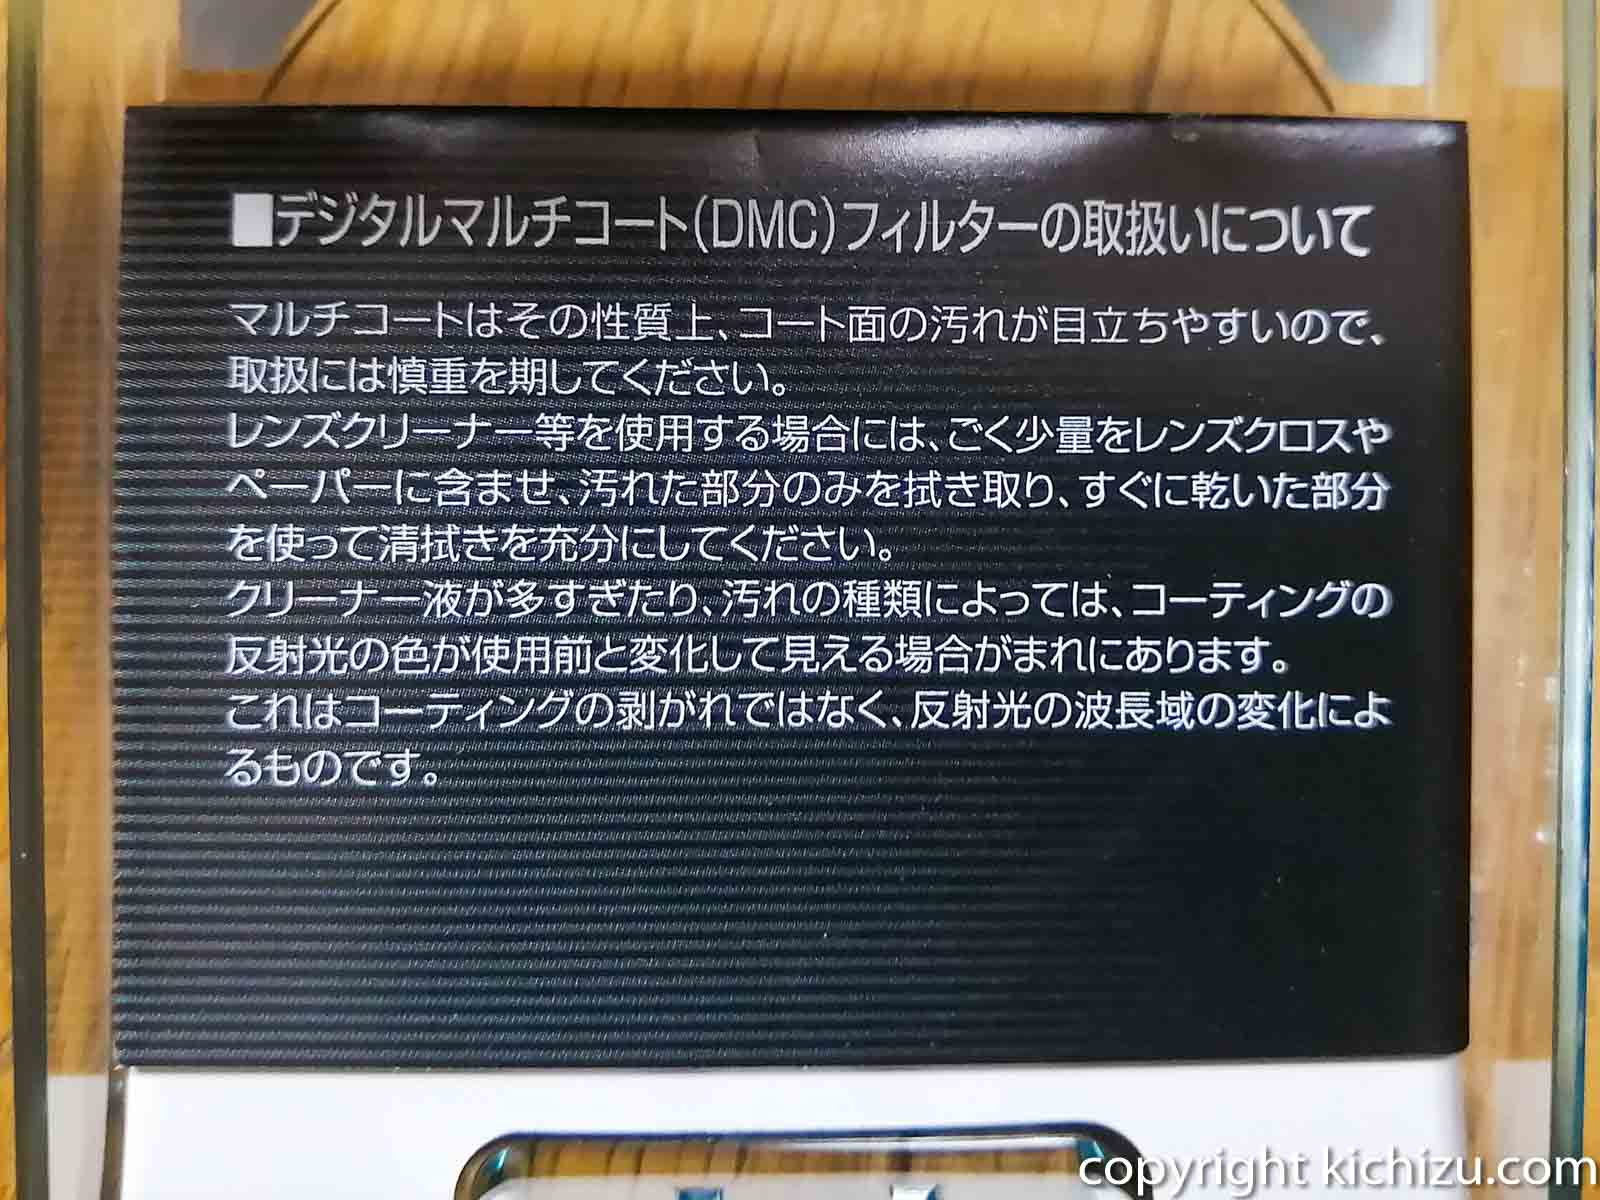 Kenko 55mm レンズフィルター PRO1Dのパッケージ裏側上